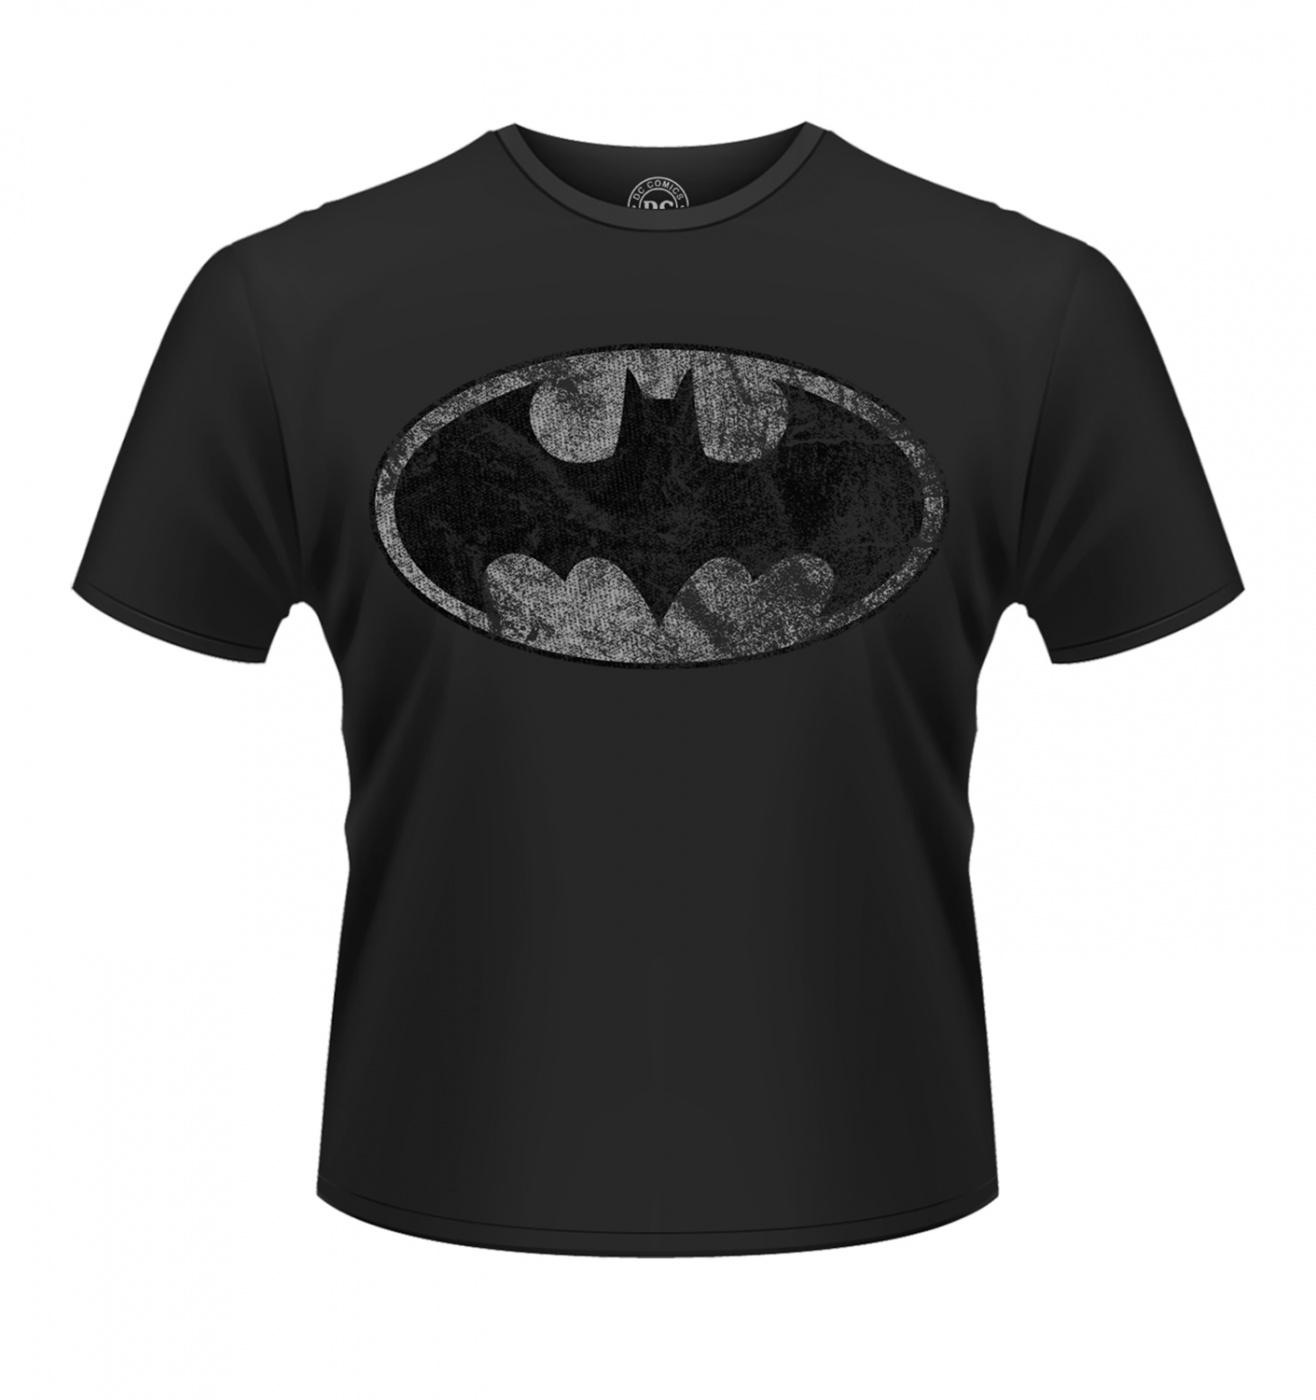 OFFICIAL Vintage Batman Logo men's t-shirt